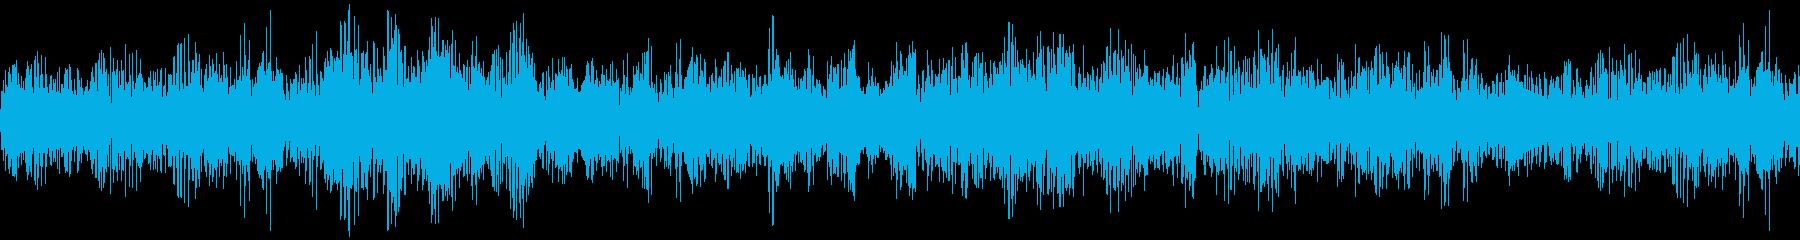 潜水艦水中ハムの再生済みの波形